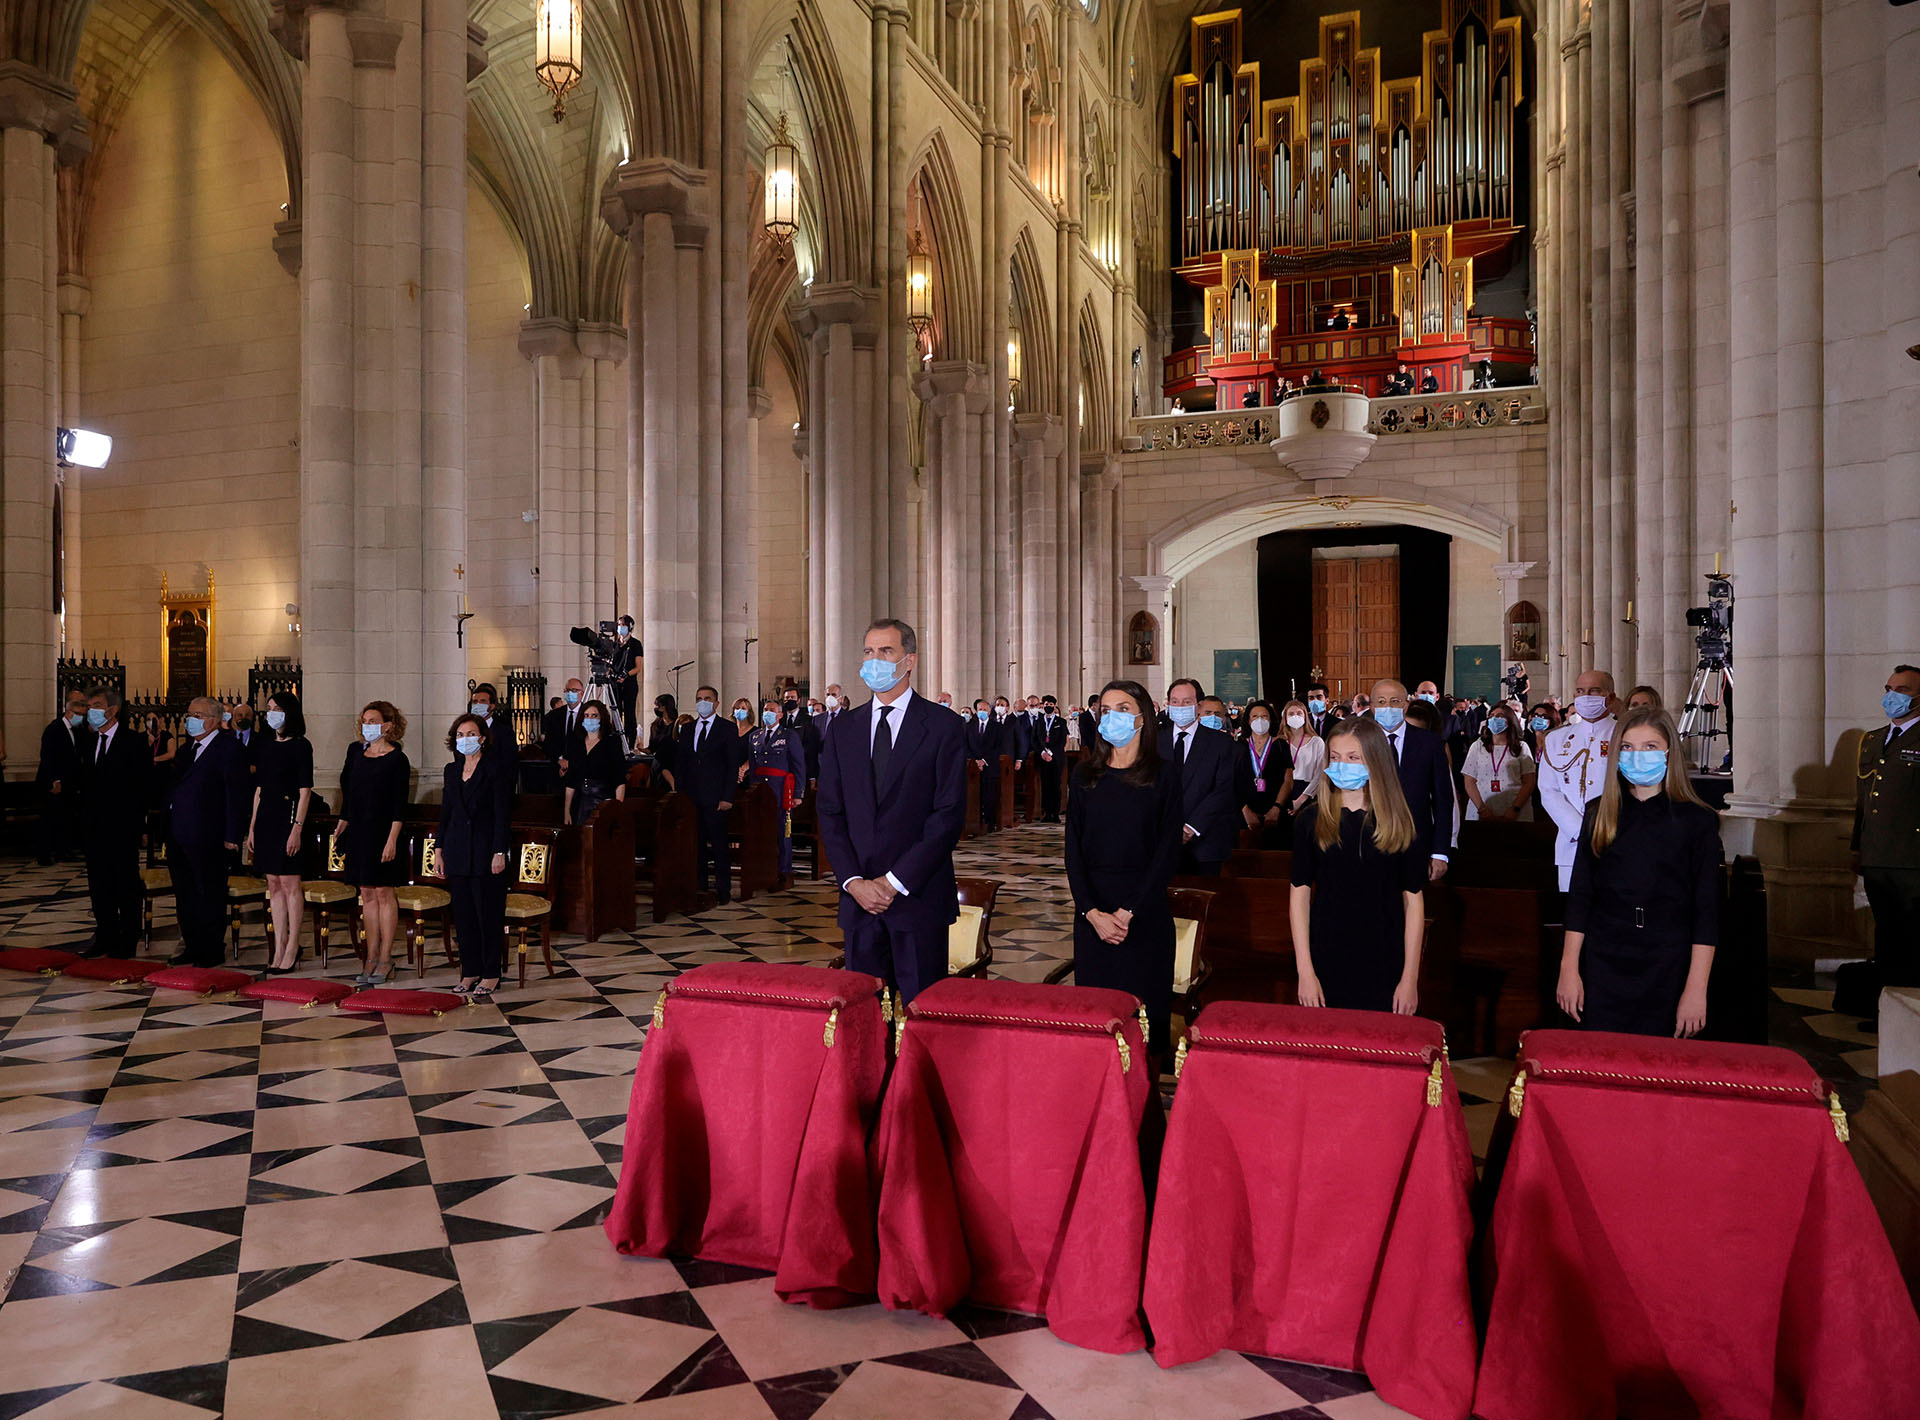 Bajo la imagen de Santa María la Real de la Almudena se ubicaron los familiares de 70 personas fallecidas por coronavirus, quienes fueron saludados con una distancia prudencial por la Familia Real